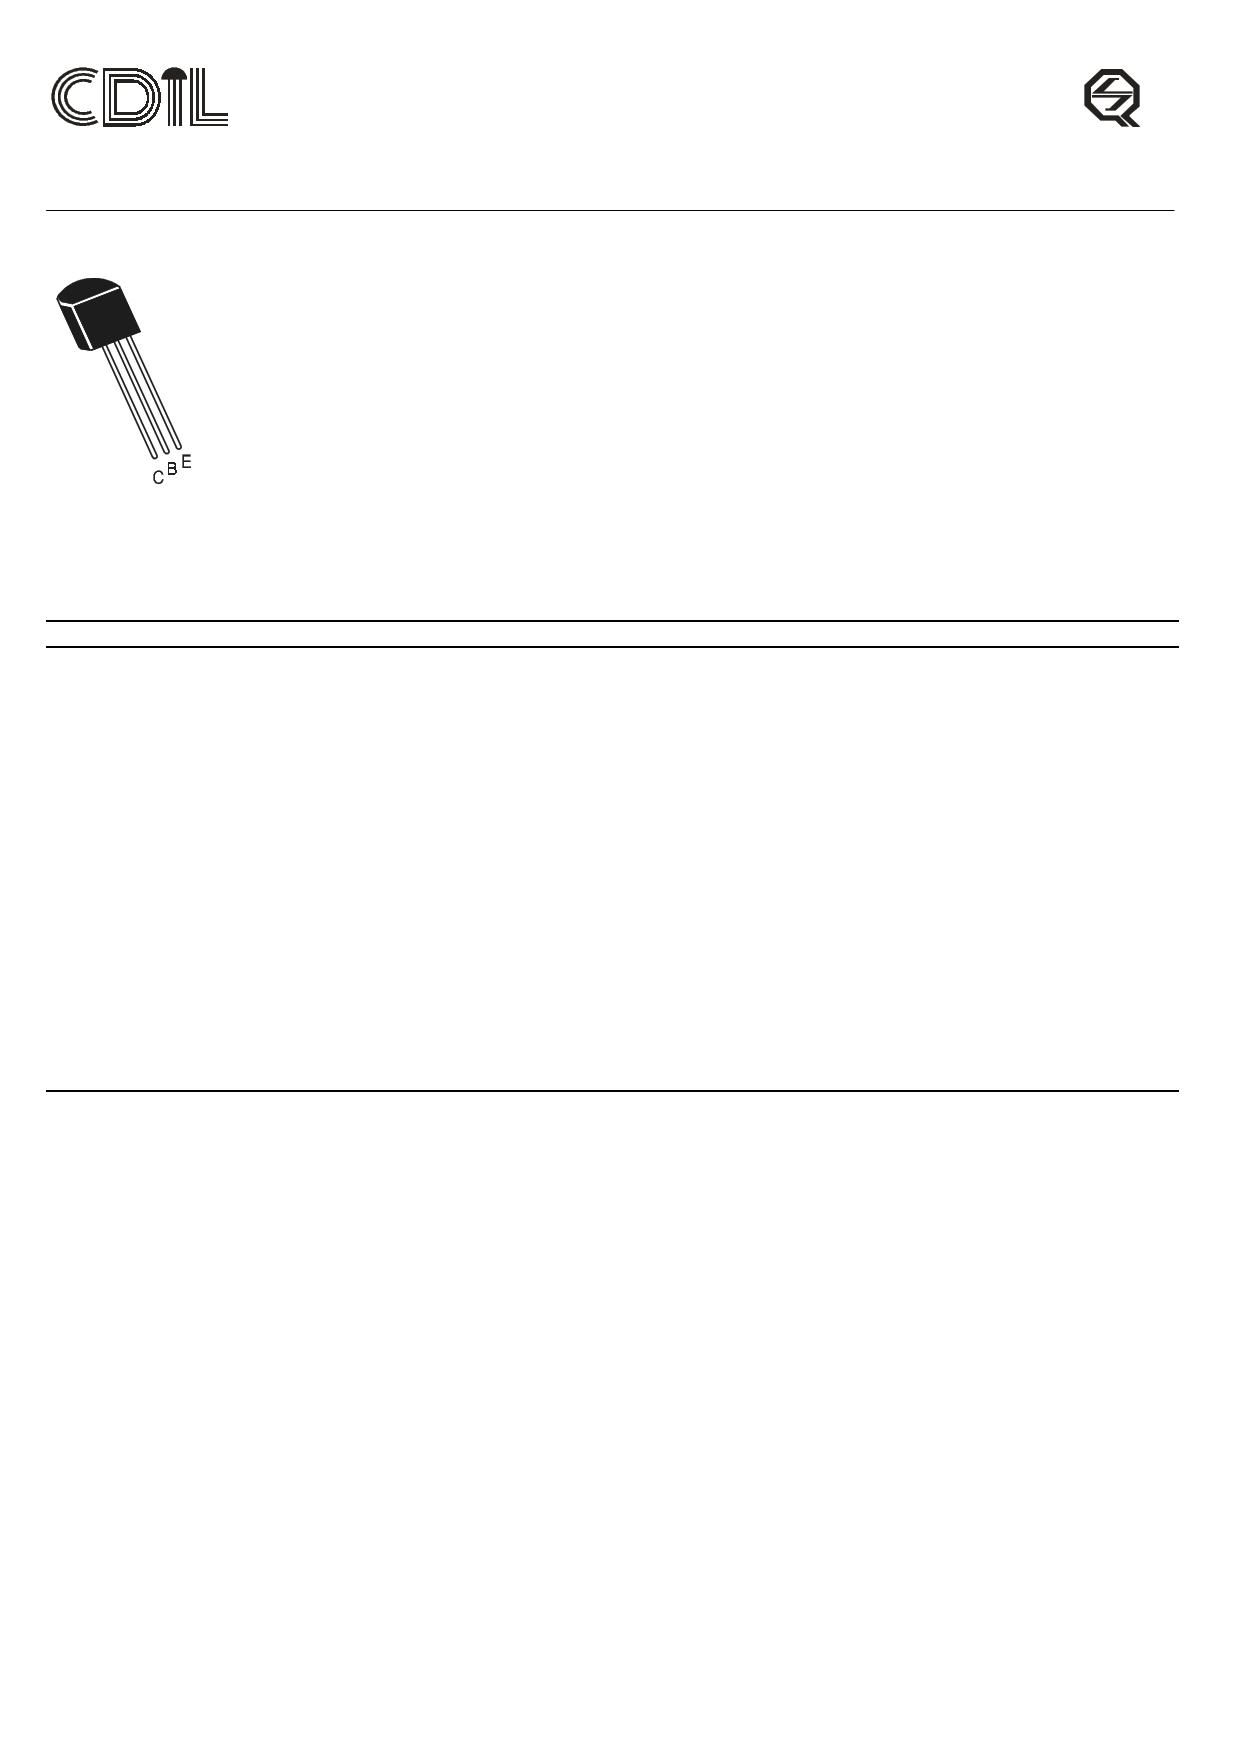 BC446A 데이터시트 및 BC446A PDF